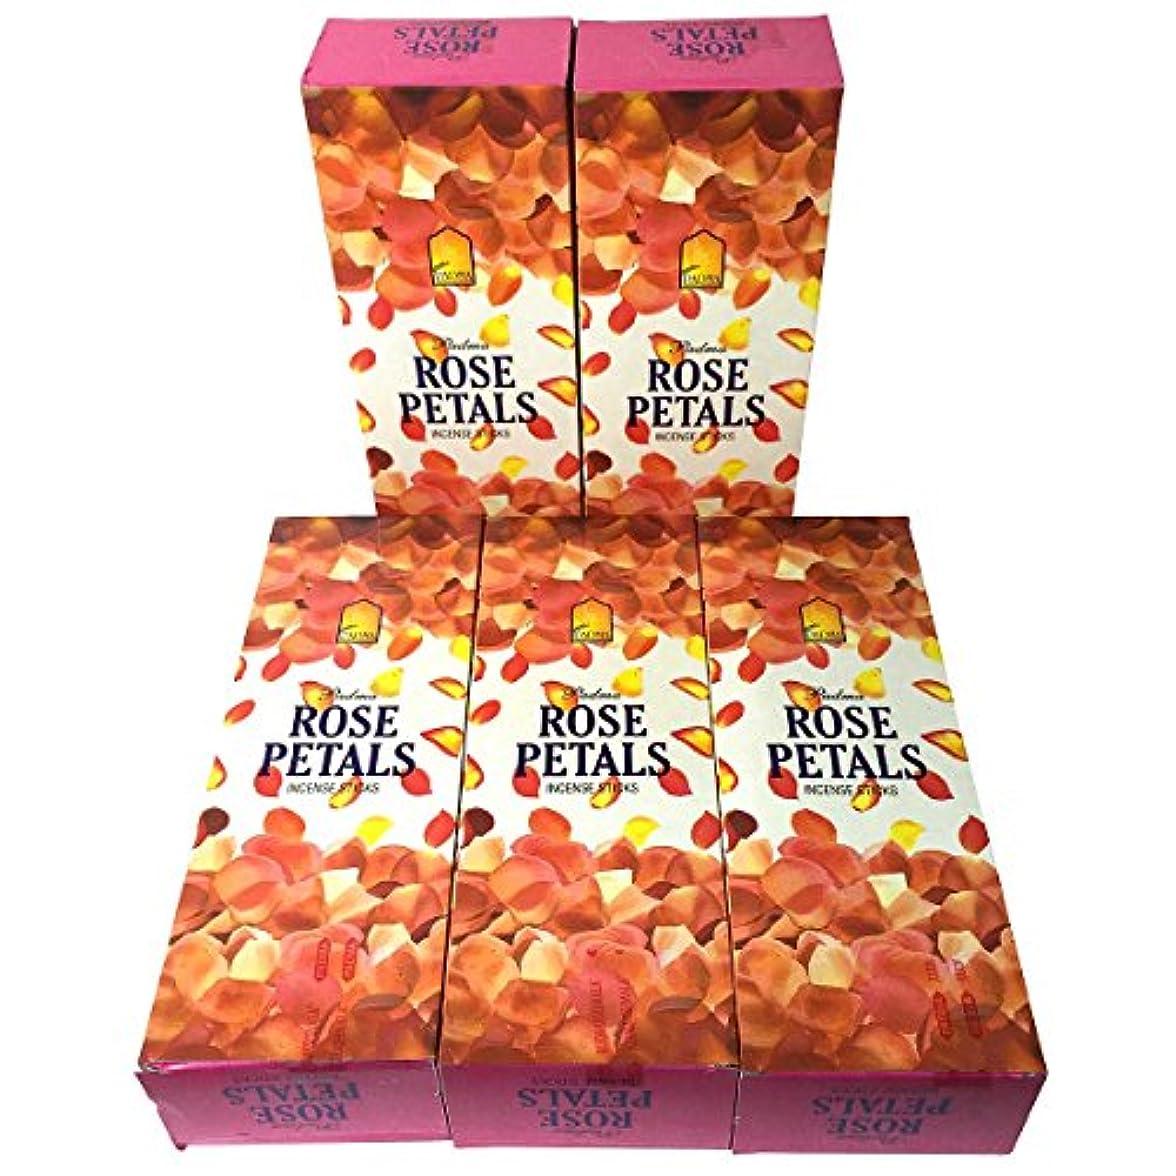 パケット注入するあらゆる種類のローズペタル香スティック 5BOX(30箱)/PADMA ROSE PETALS/ インド香 / 送料無料 [並行輸入品]